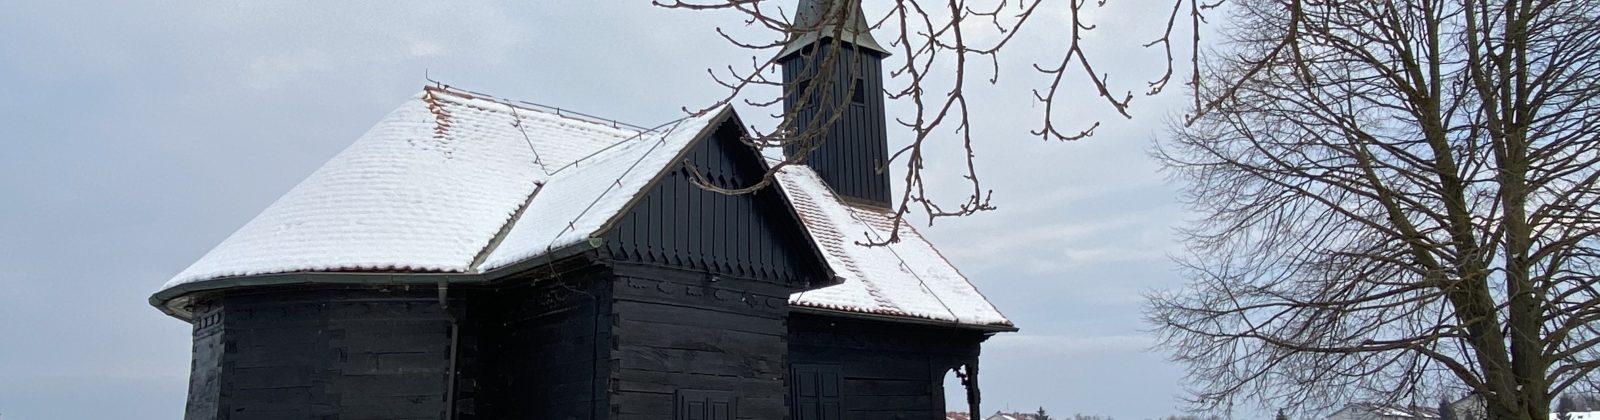 kapela ranjenog isusa turopolje